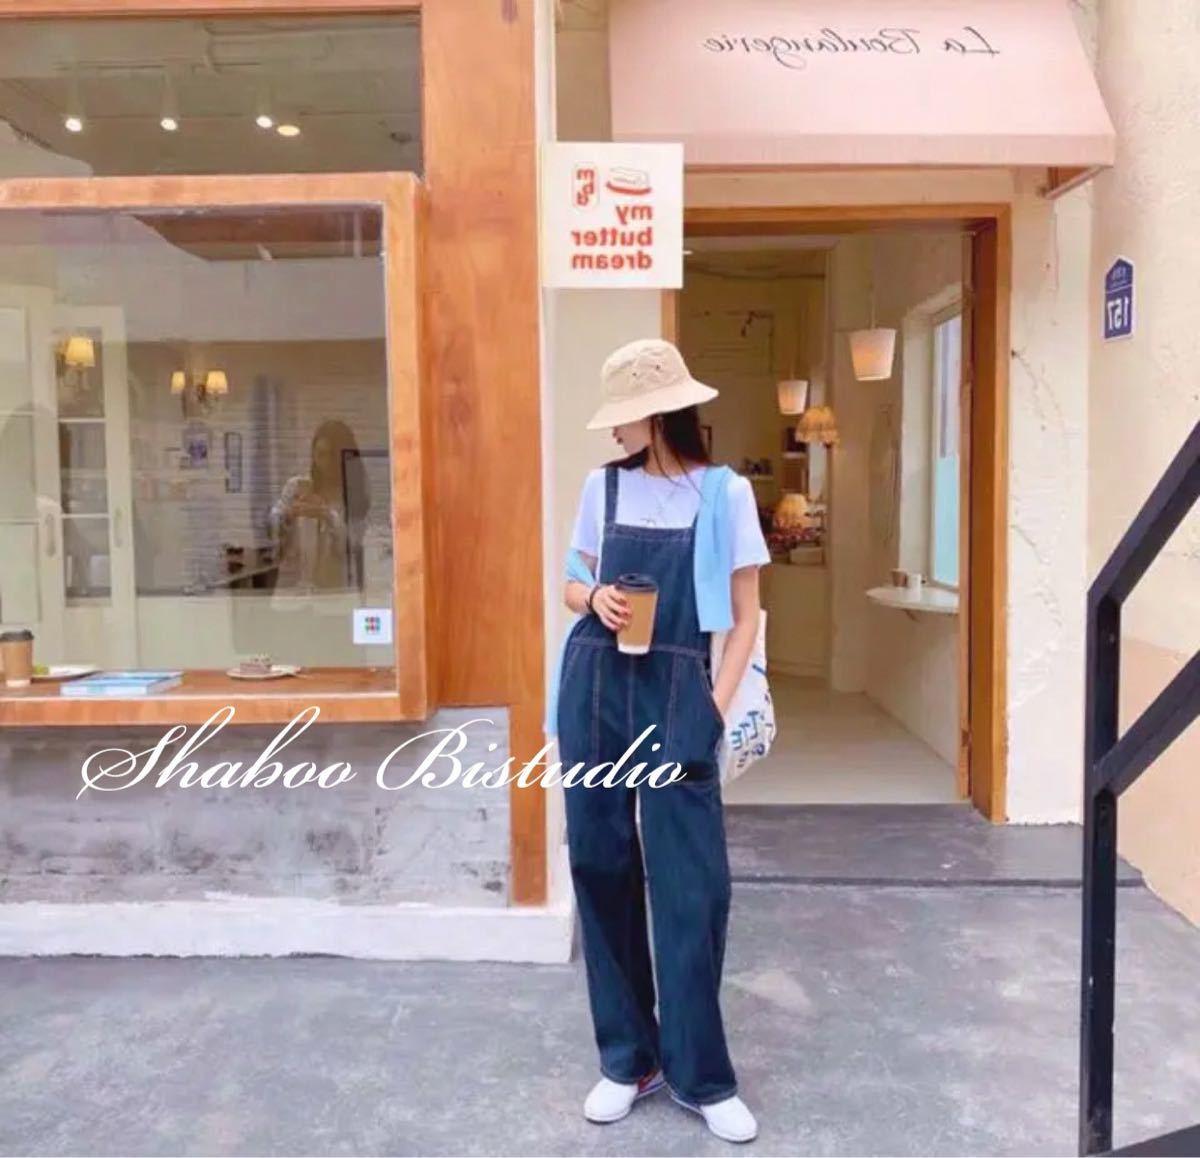 【新品】デニムオーバーオール オールインワン ワイドパンツ フリーサイズ デニムサロペット サロペット オーバーオール